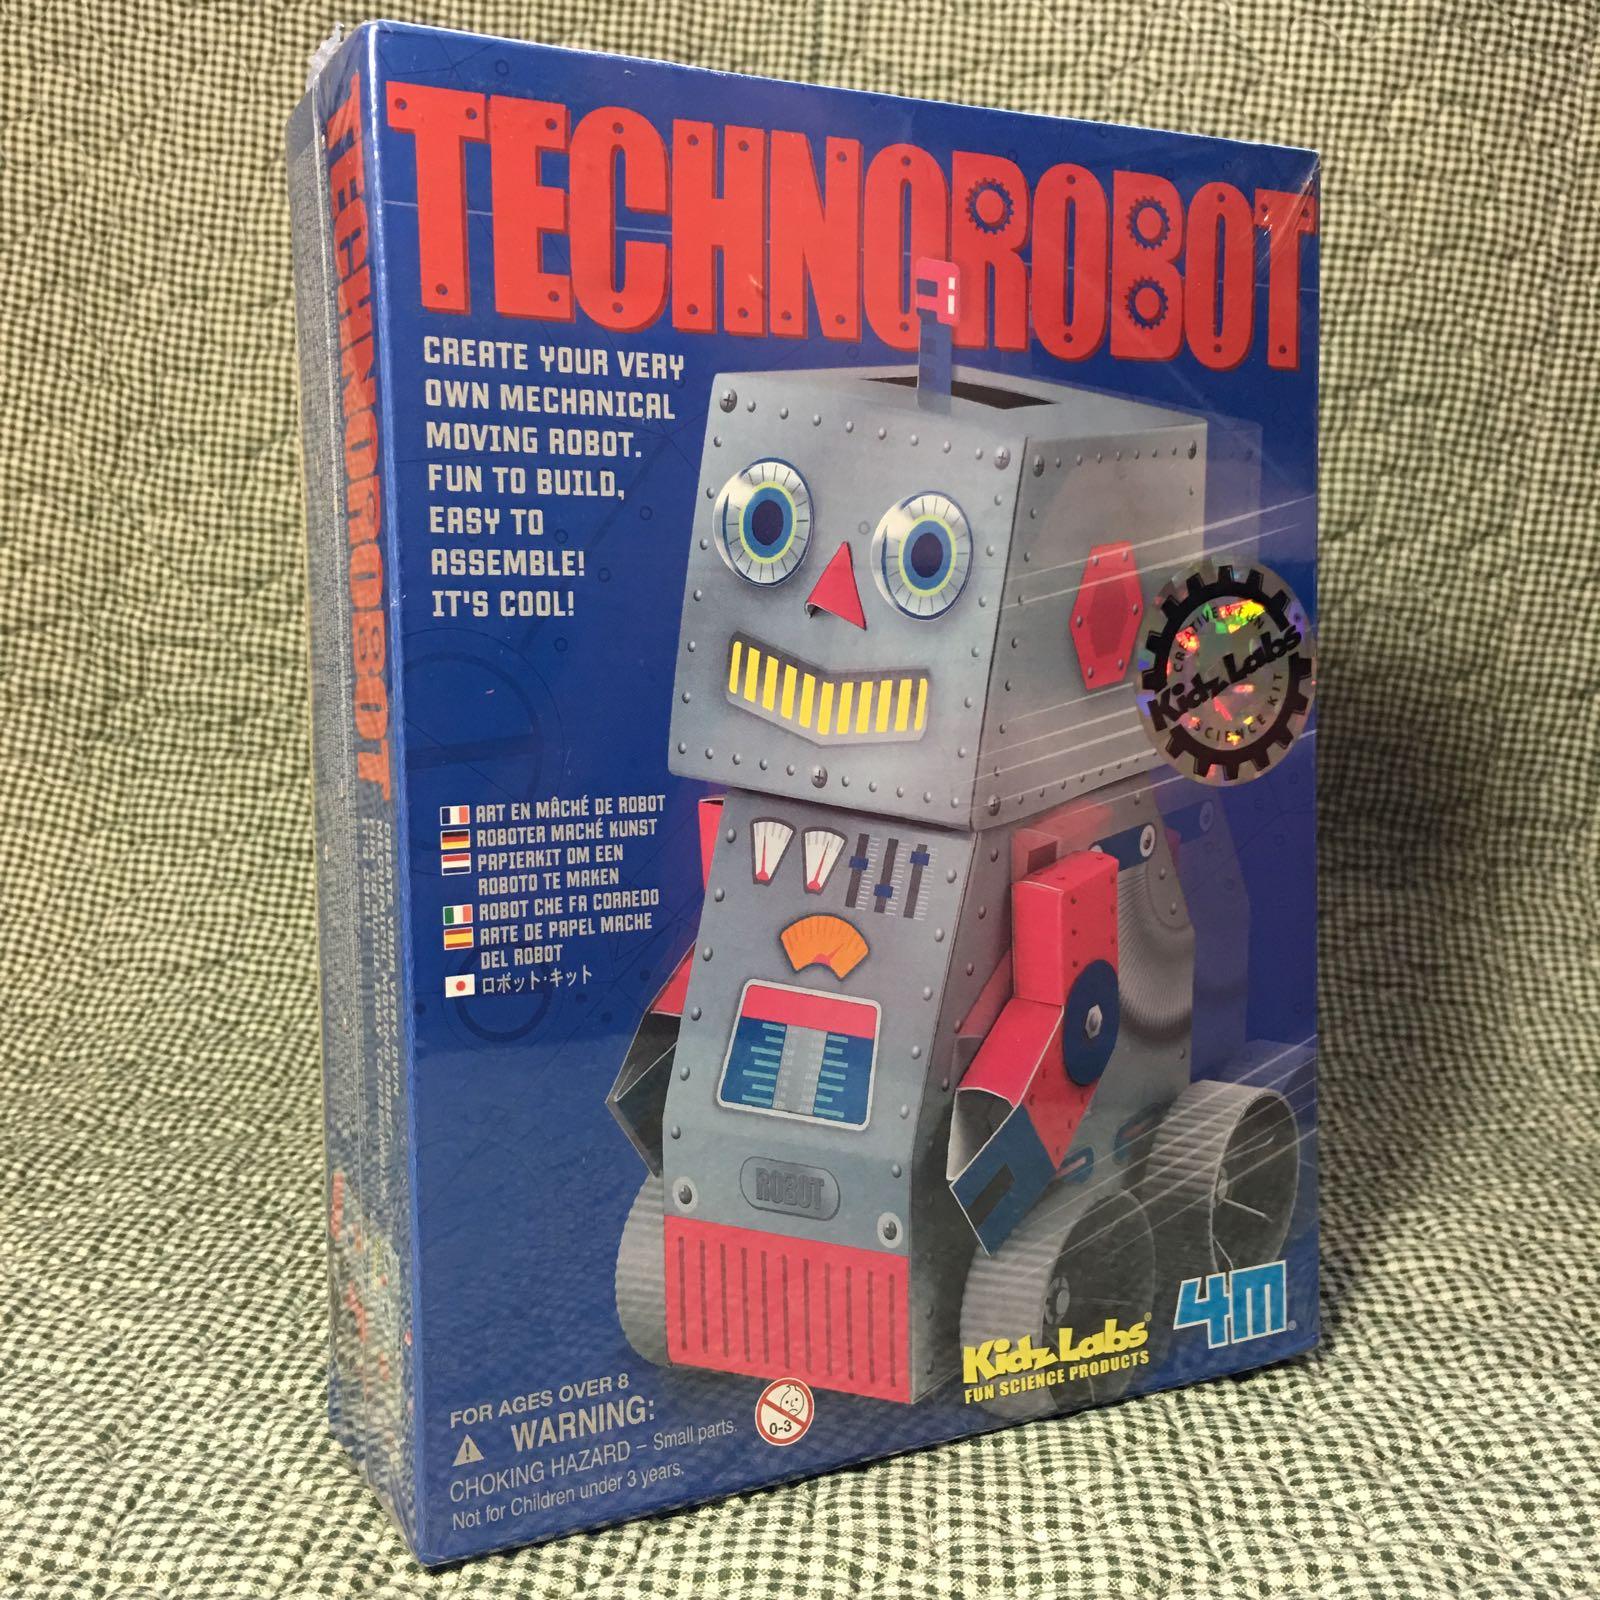 4M Techno Robot